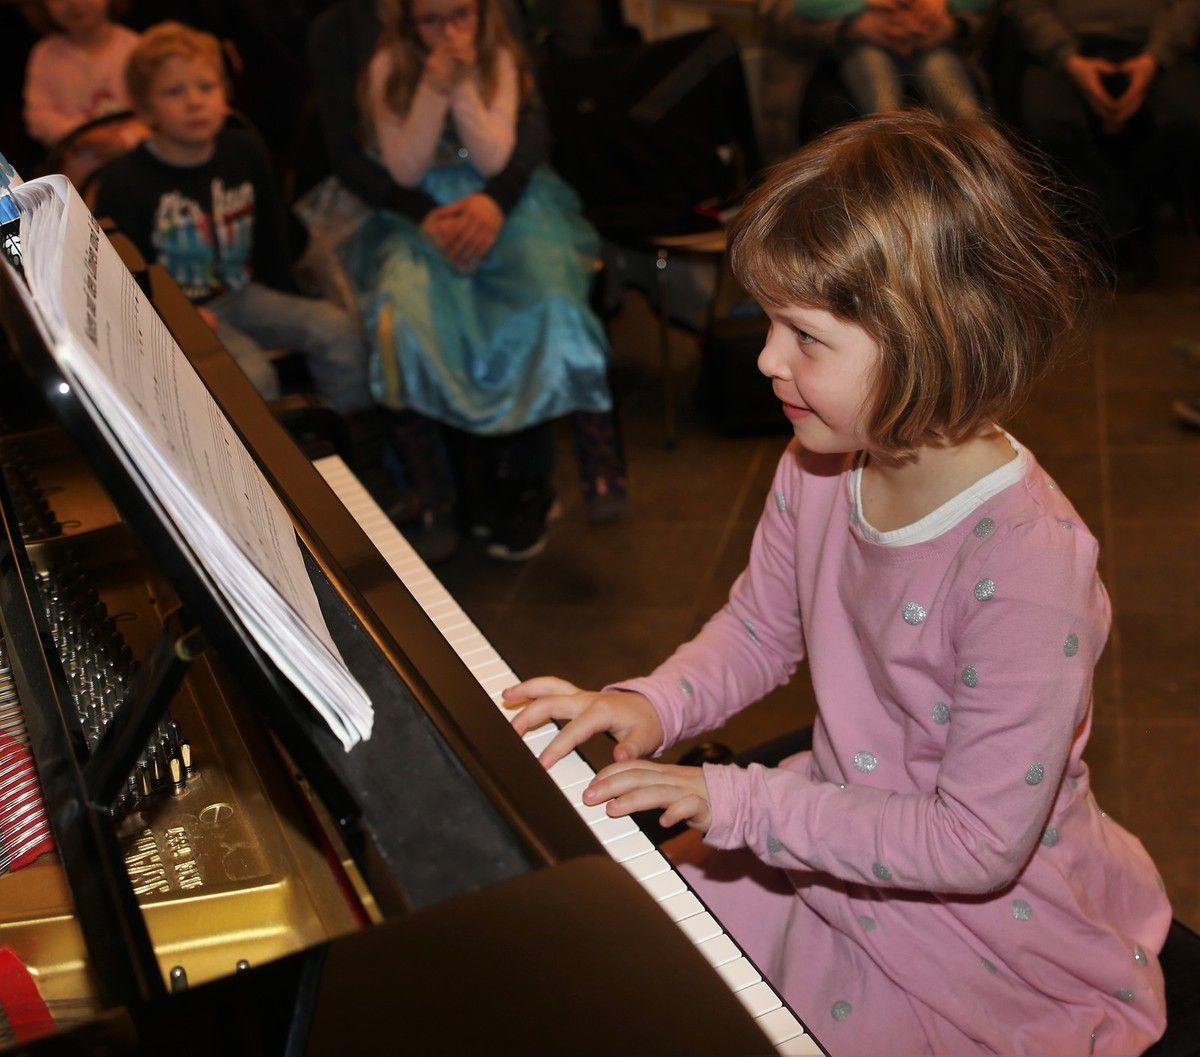 """Sichtlich Spass hatte Lena Hardecker, mit fünf Jahren die jüngste Solistin, die bei der """"Musik zum Feierabend"""" ohne Lampfenfieber """"Hopp, hopp, hopp"""" und """"Schlaf Kindlein, schlaf"""" interpretierte."""